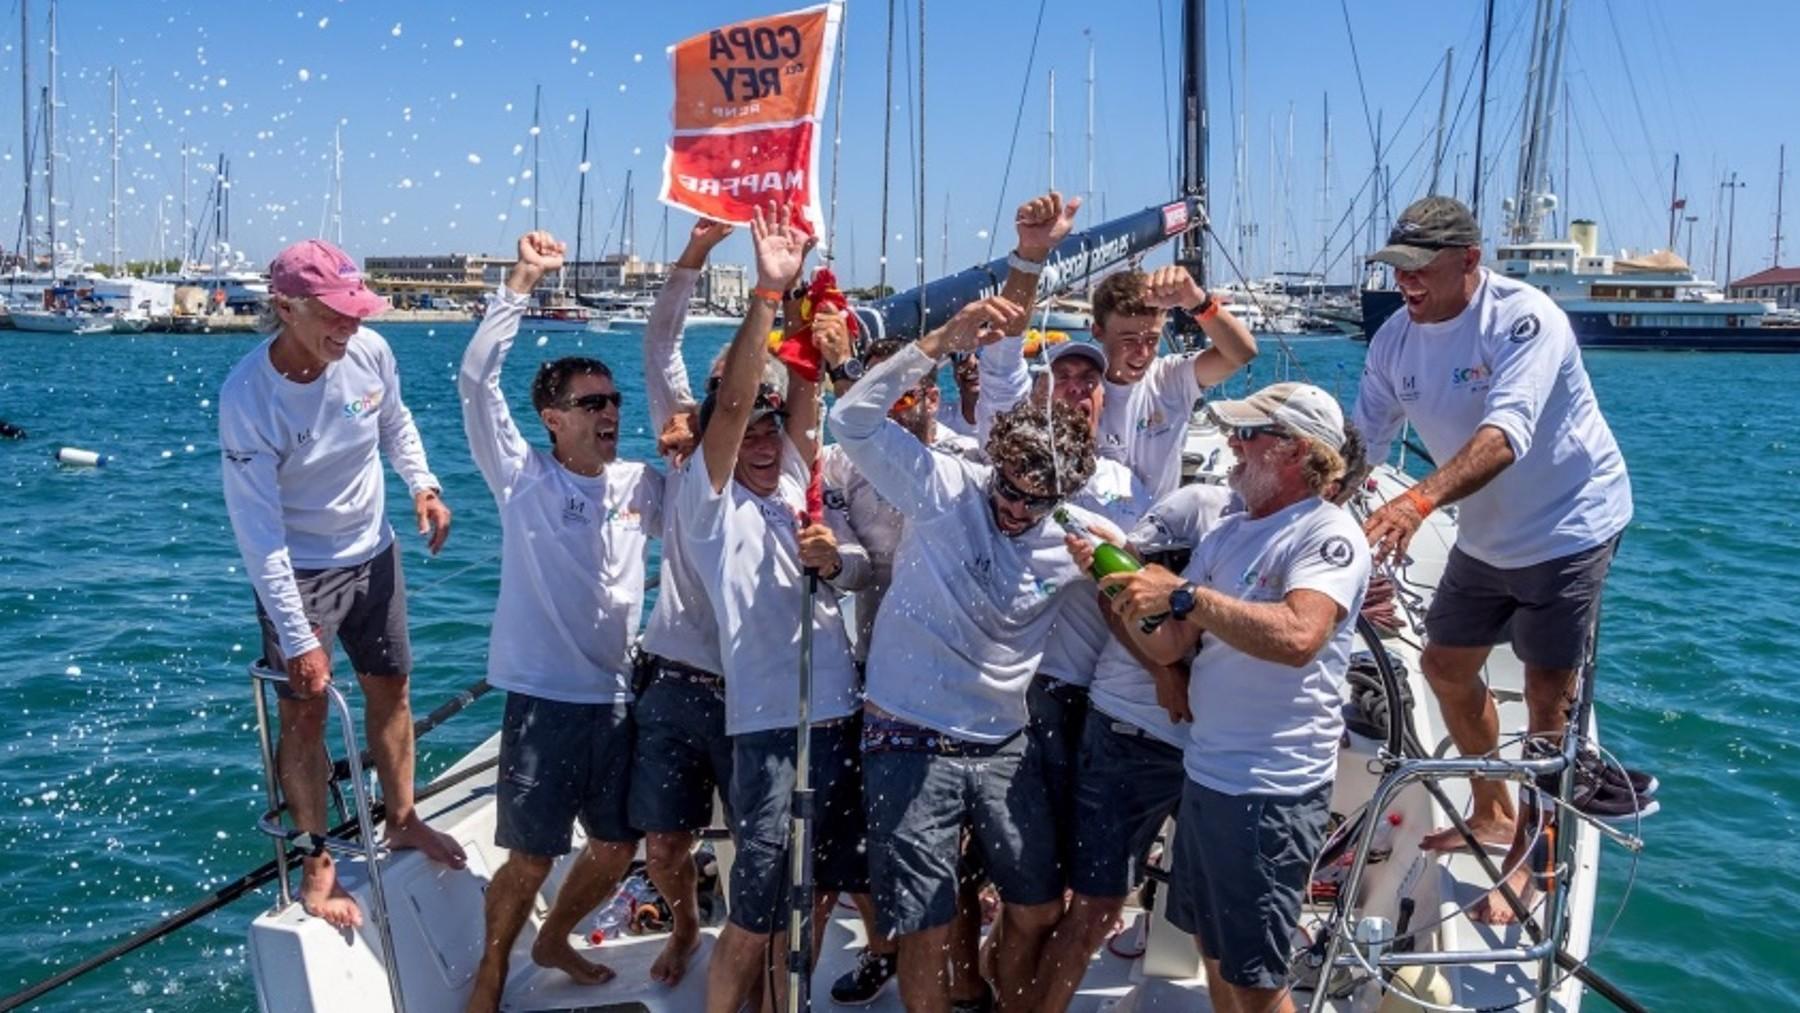 La 39º edición de la Copa del Rey de vela corona a sus campeones. Foto: EP